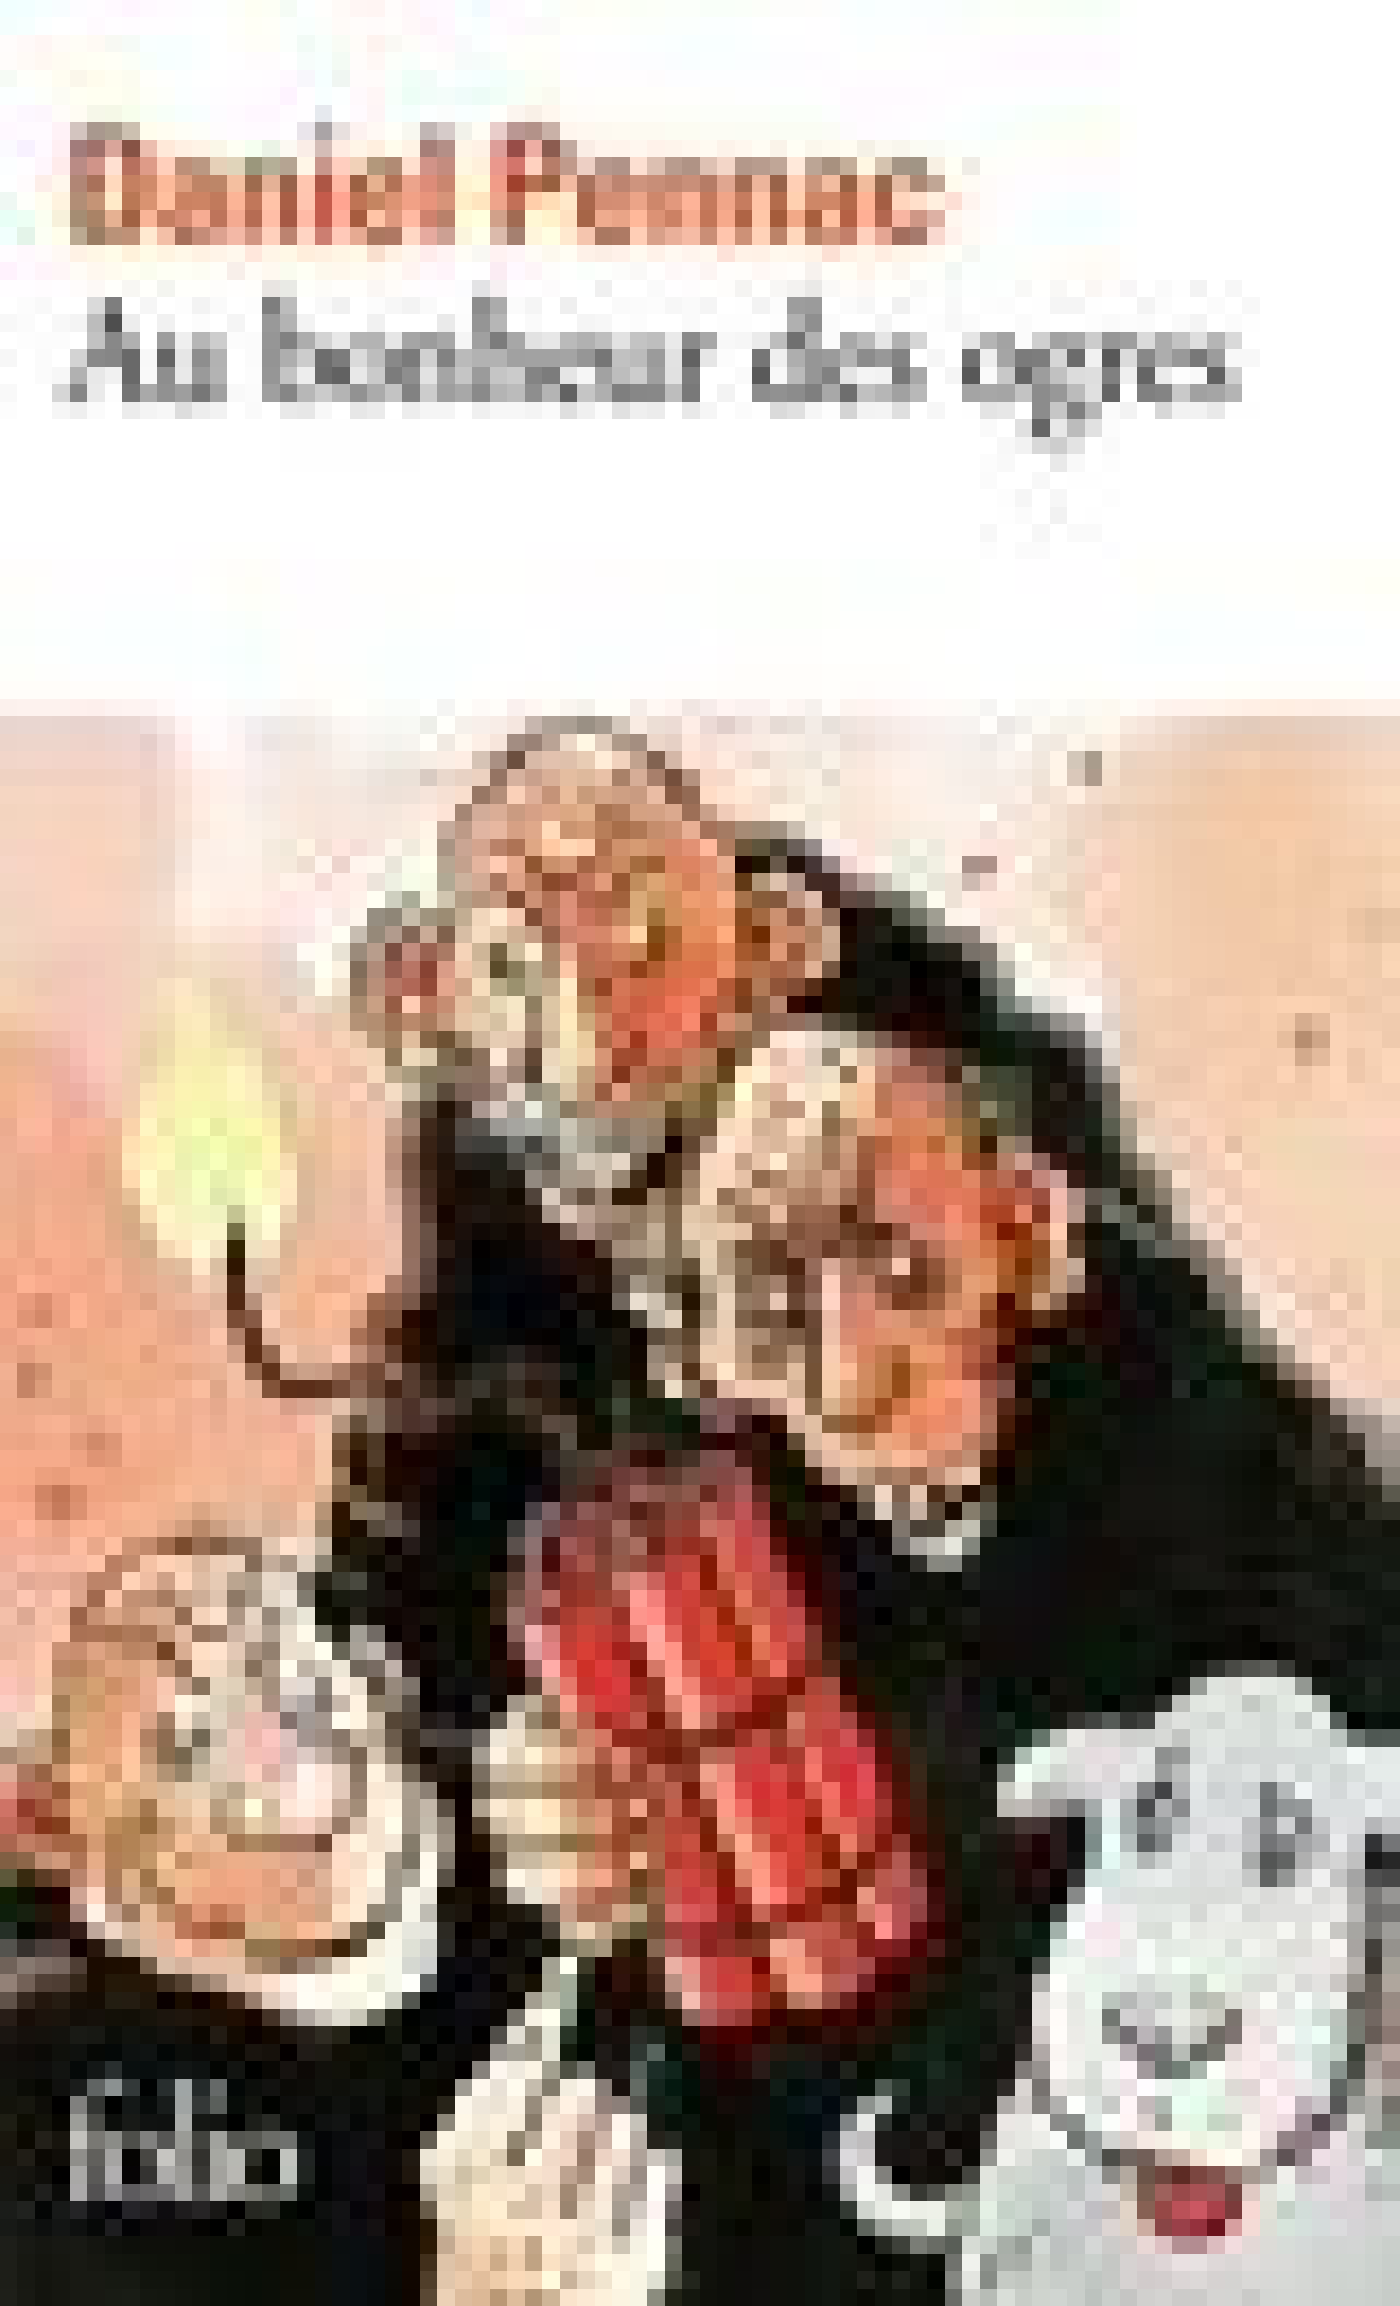 Couverture : Au bonheur des ogres Daniel Pennac